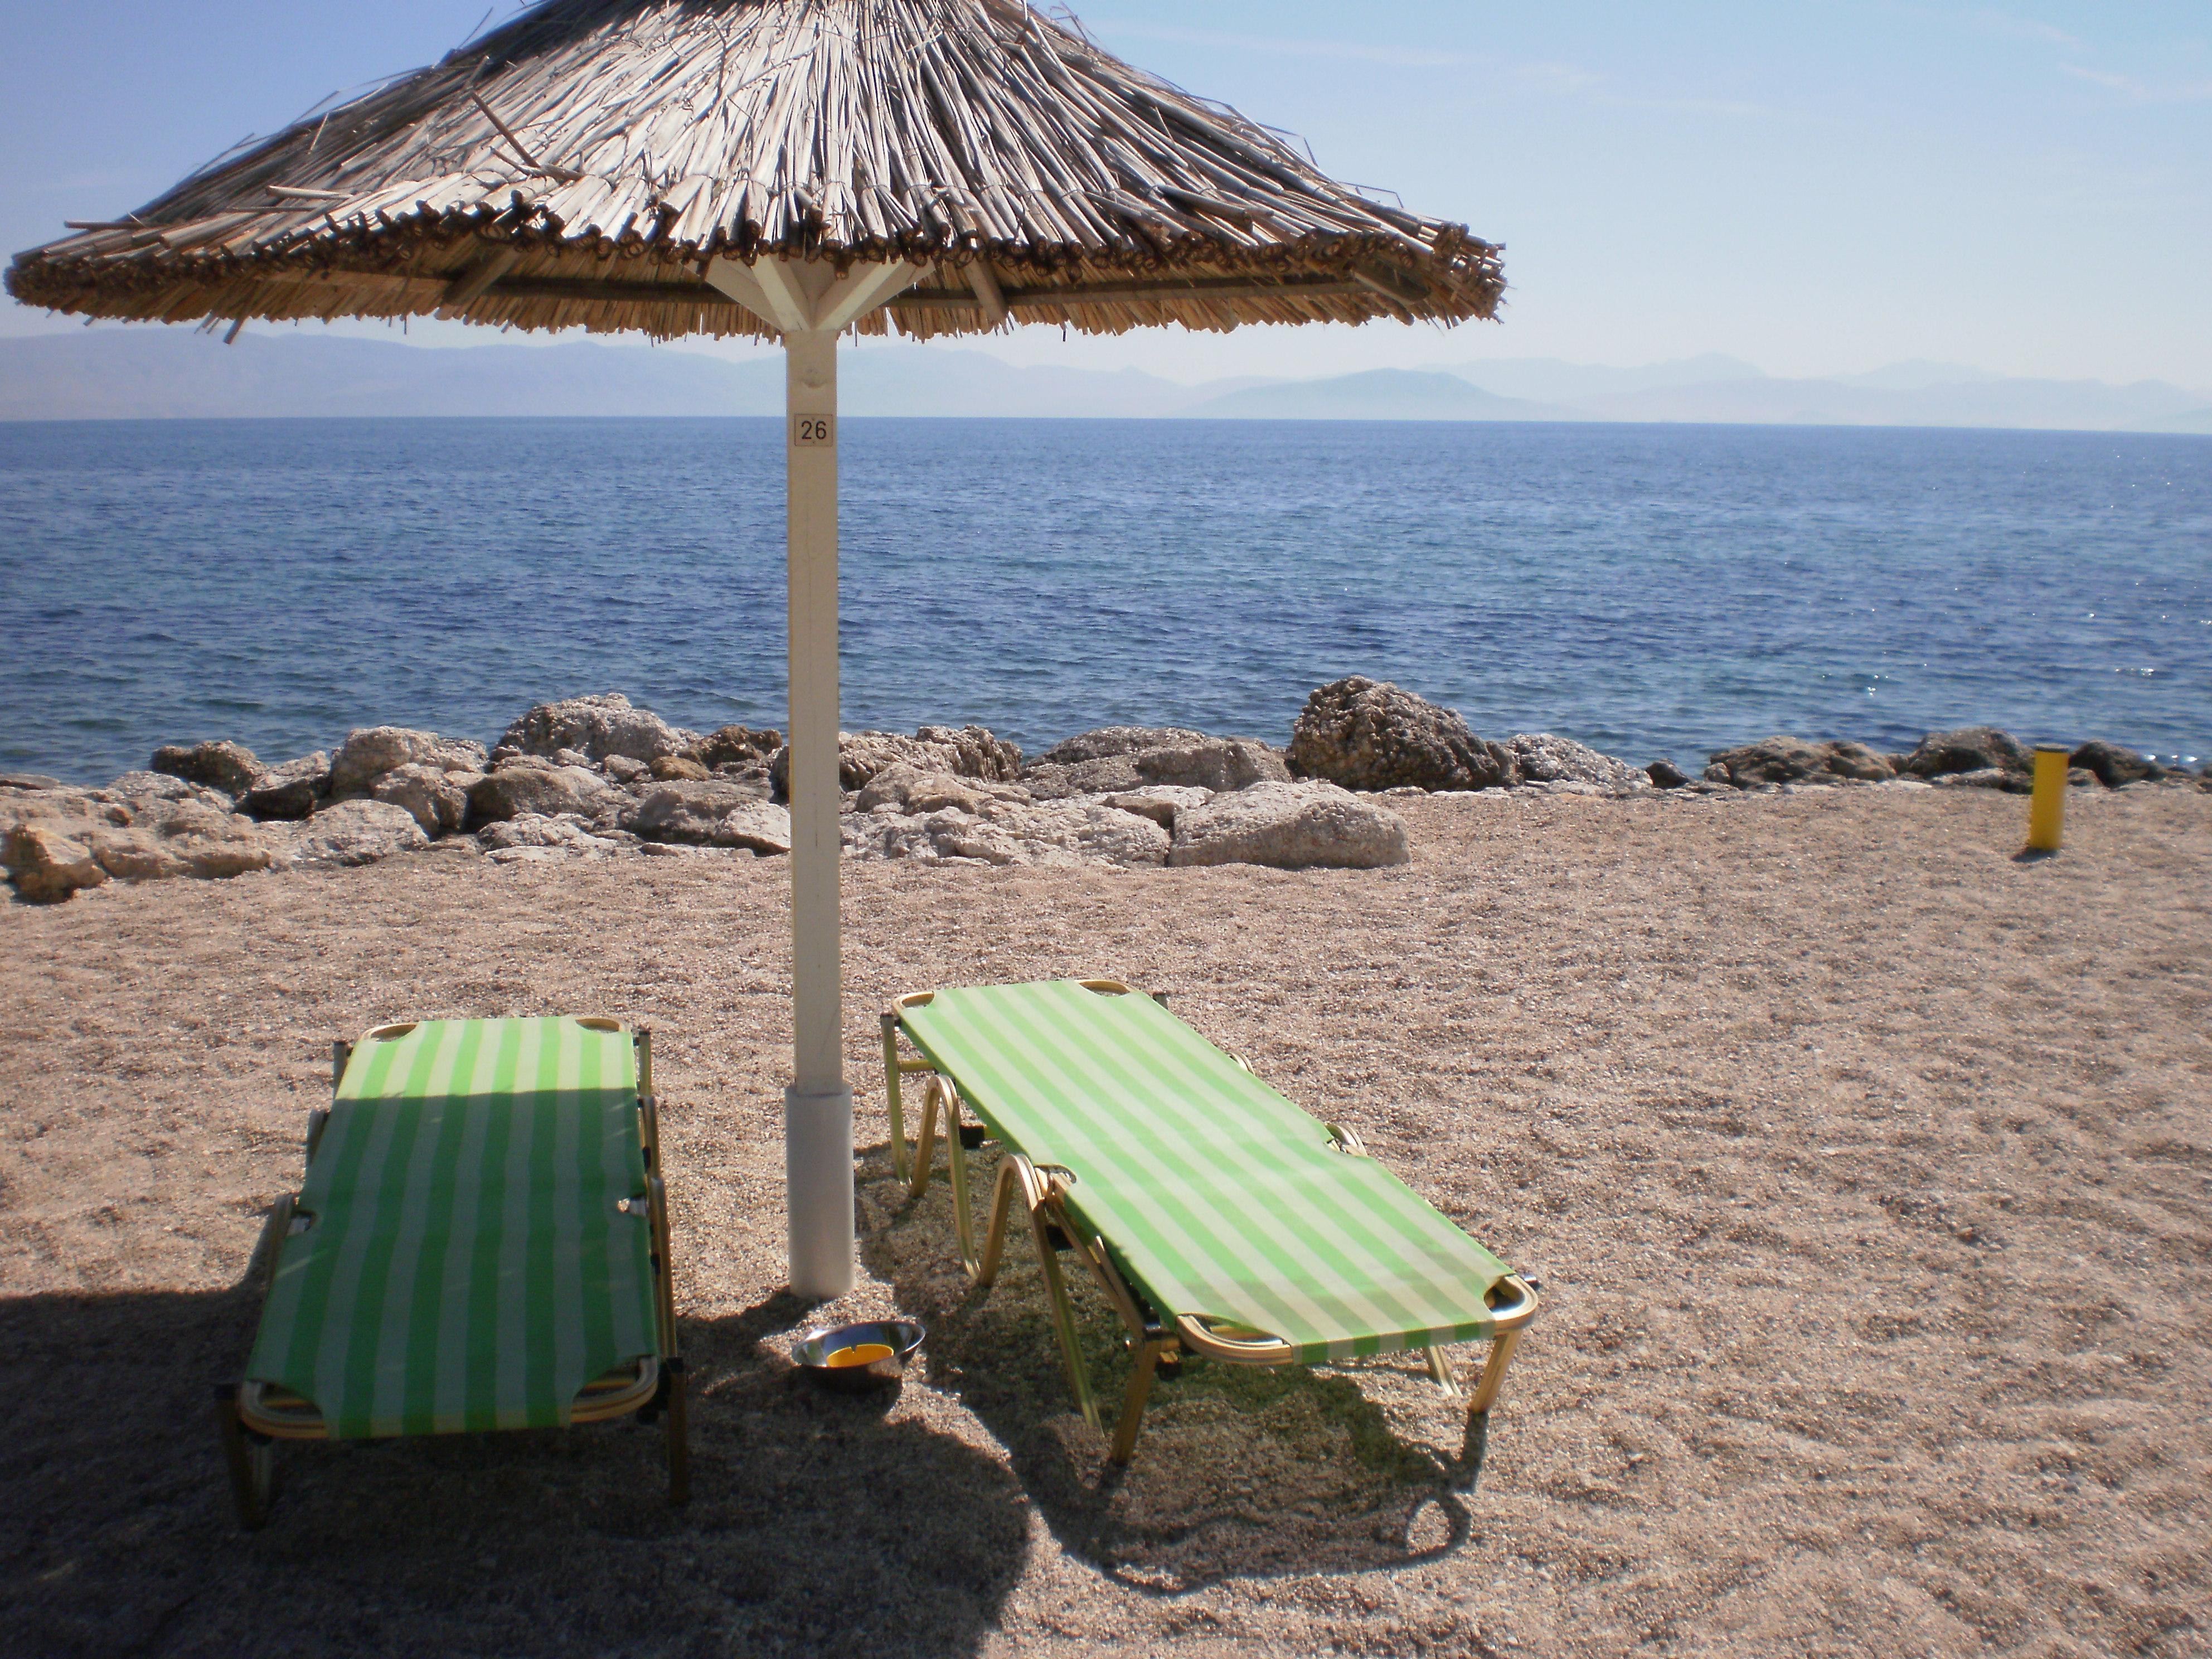 Appartement de vacances entspannte Ferien ein paar Schritte vom Meer entfernt (2187693), Moraitika, Corfou, Iles Ioniennes, Grèce, image 10